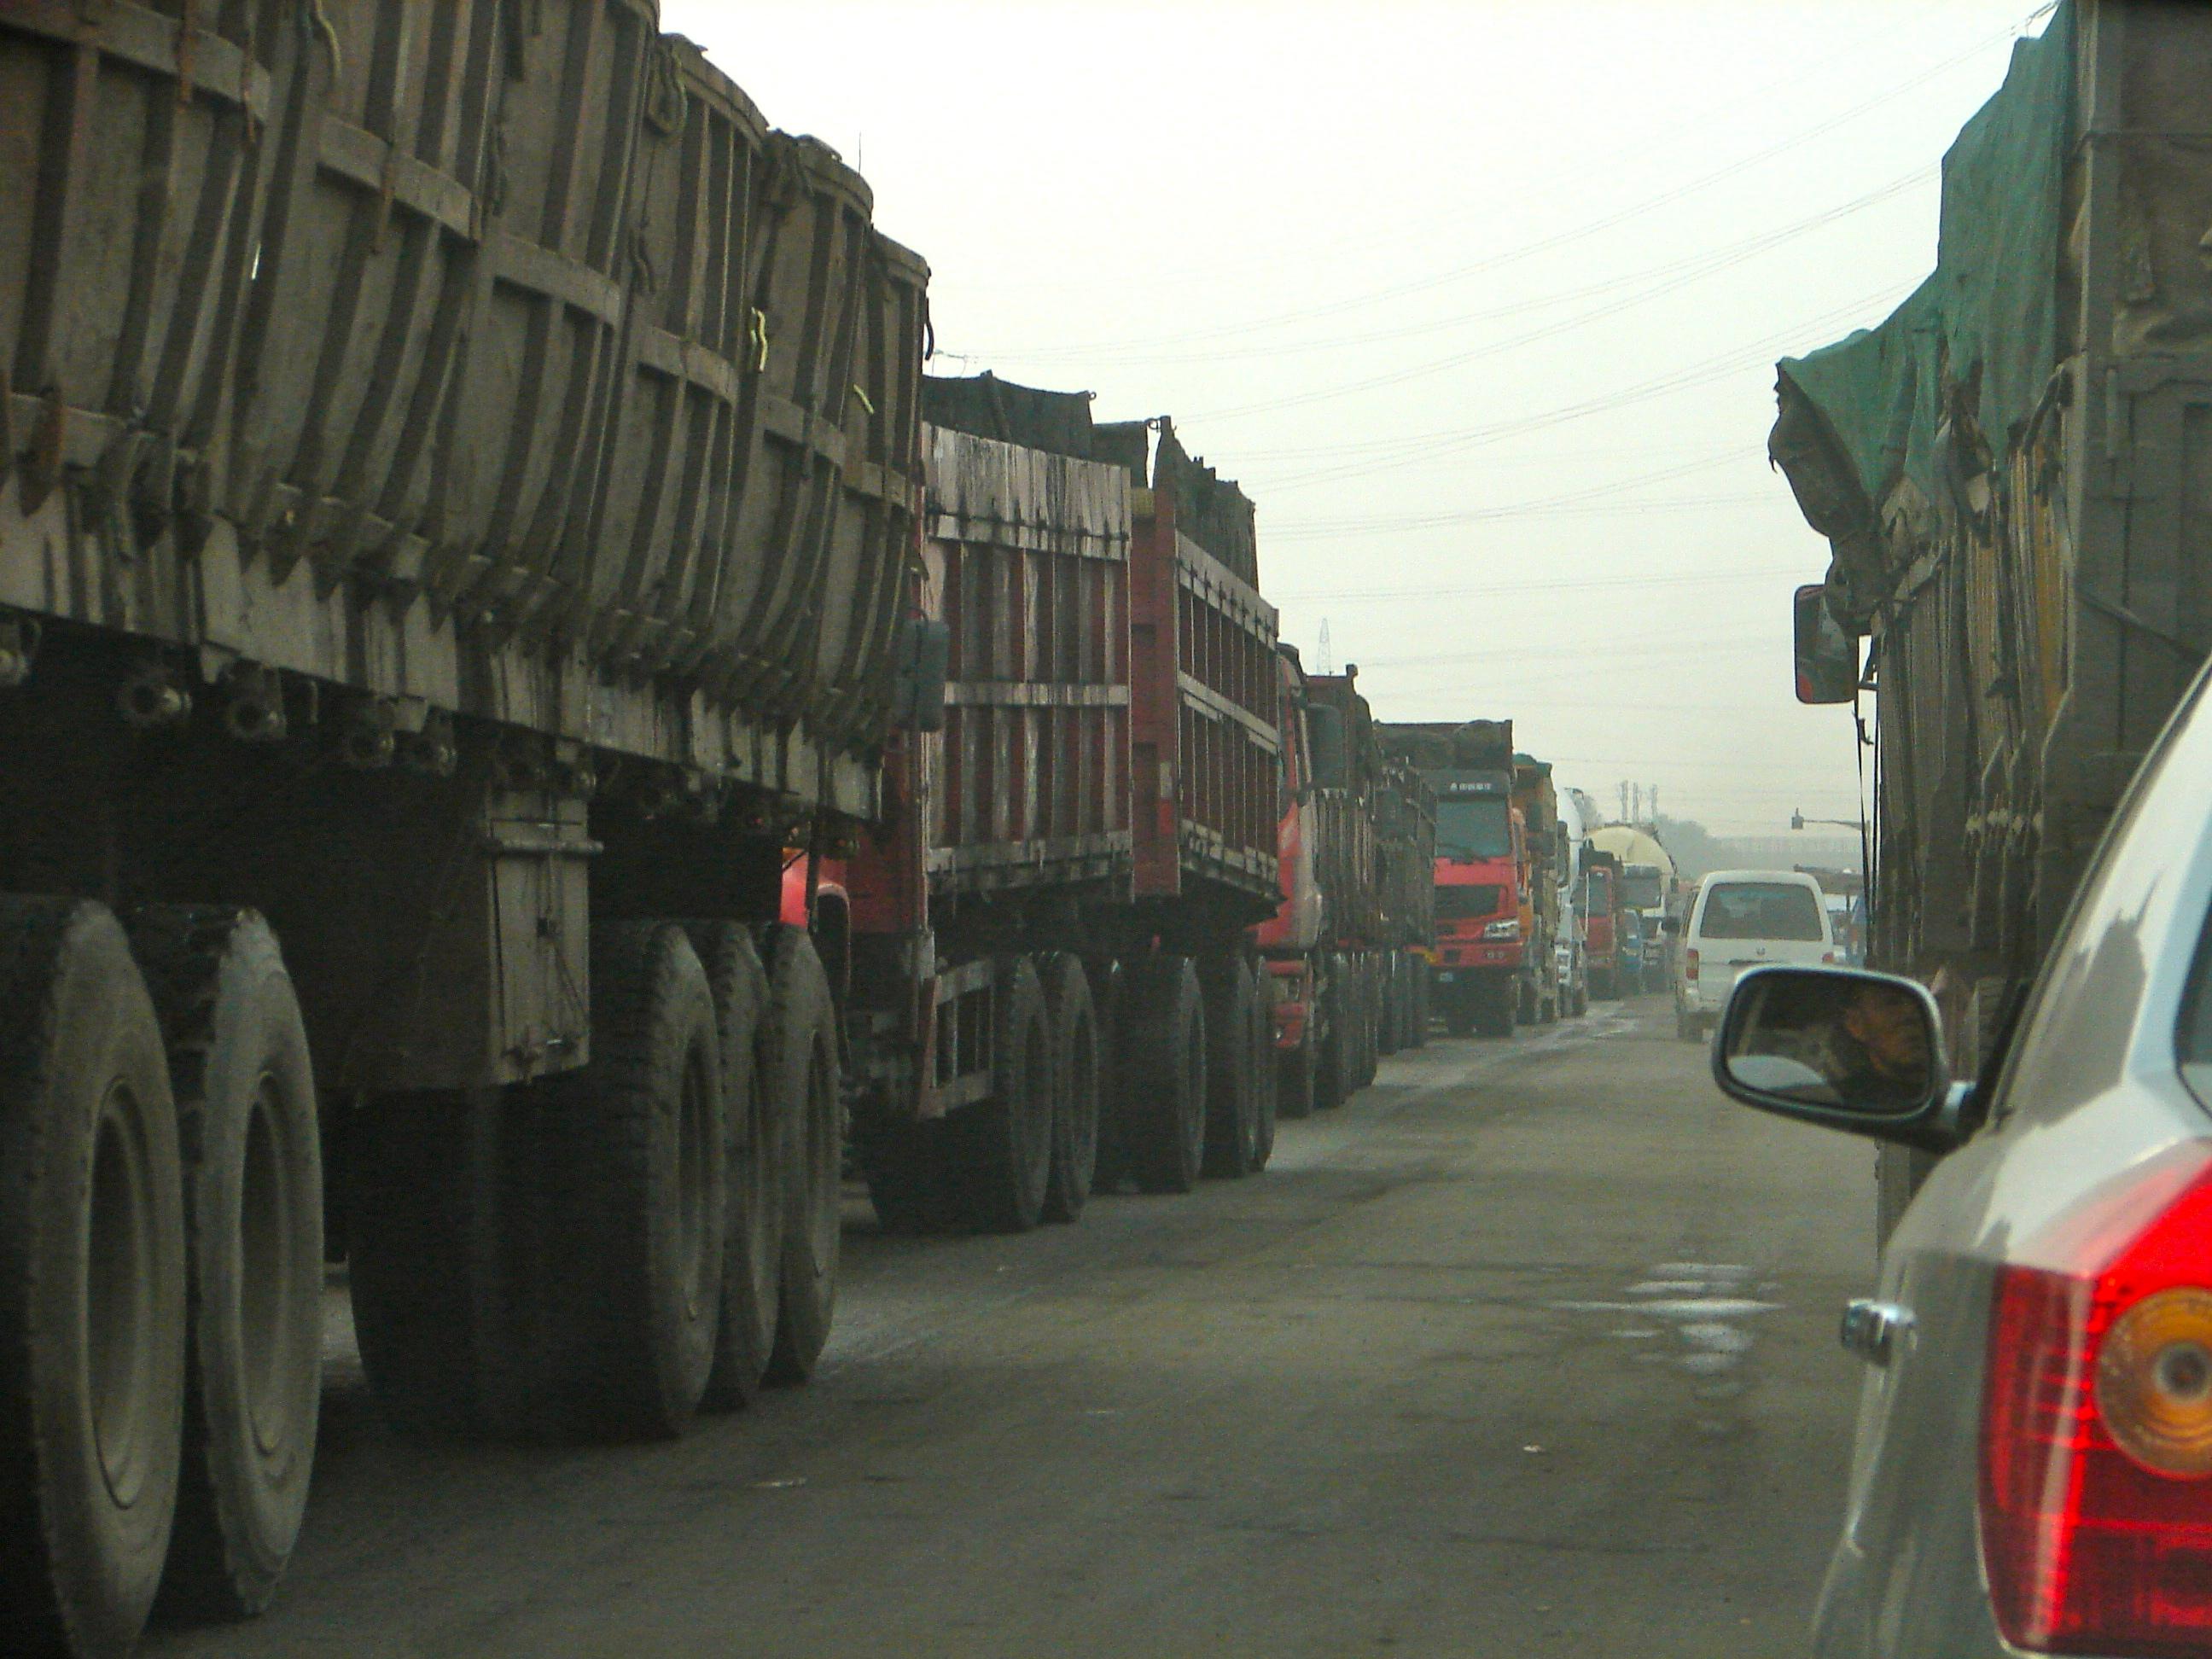 Une file de camions sans fin changés de charbon